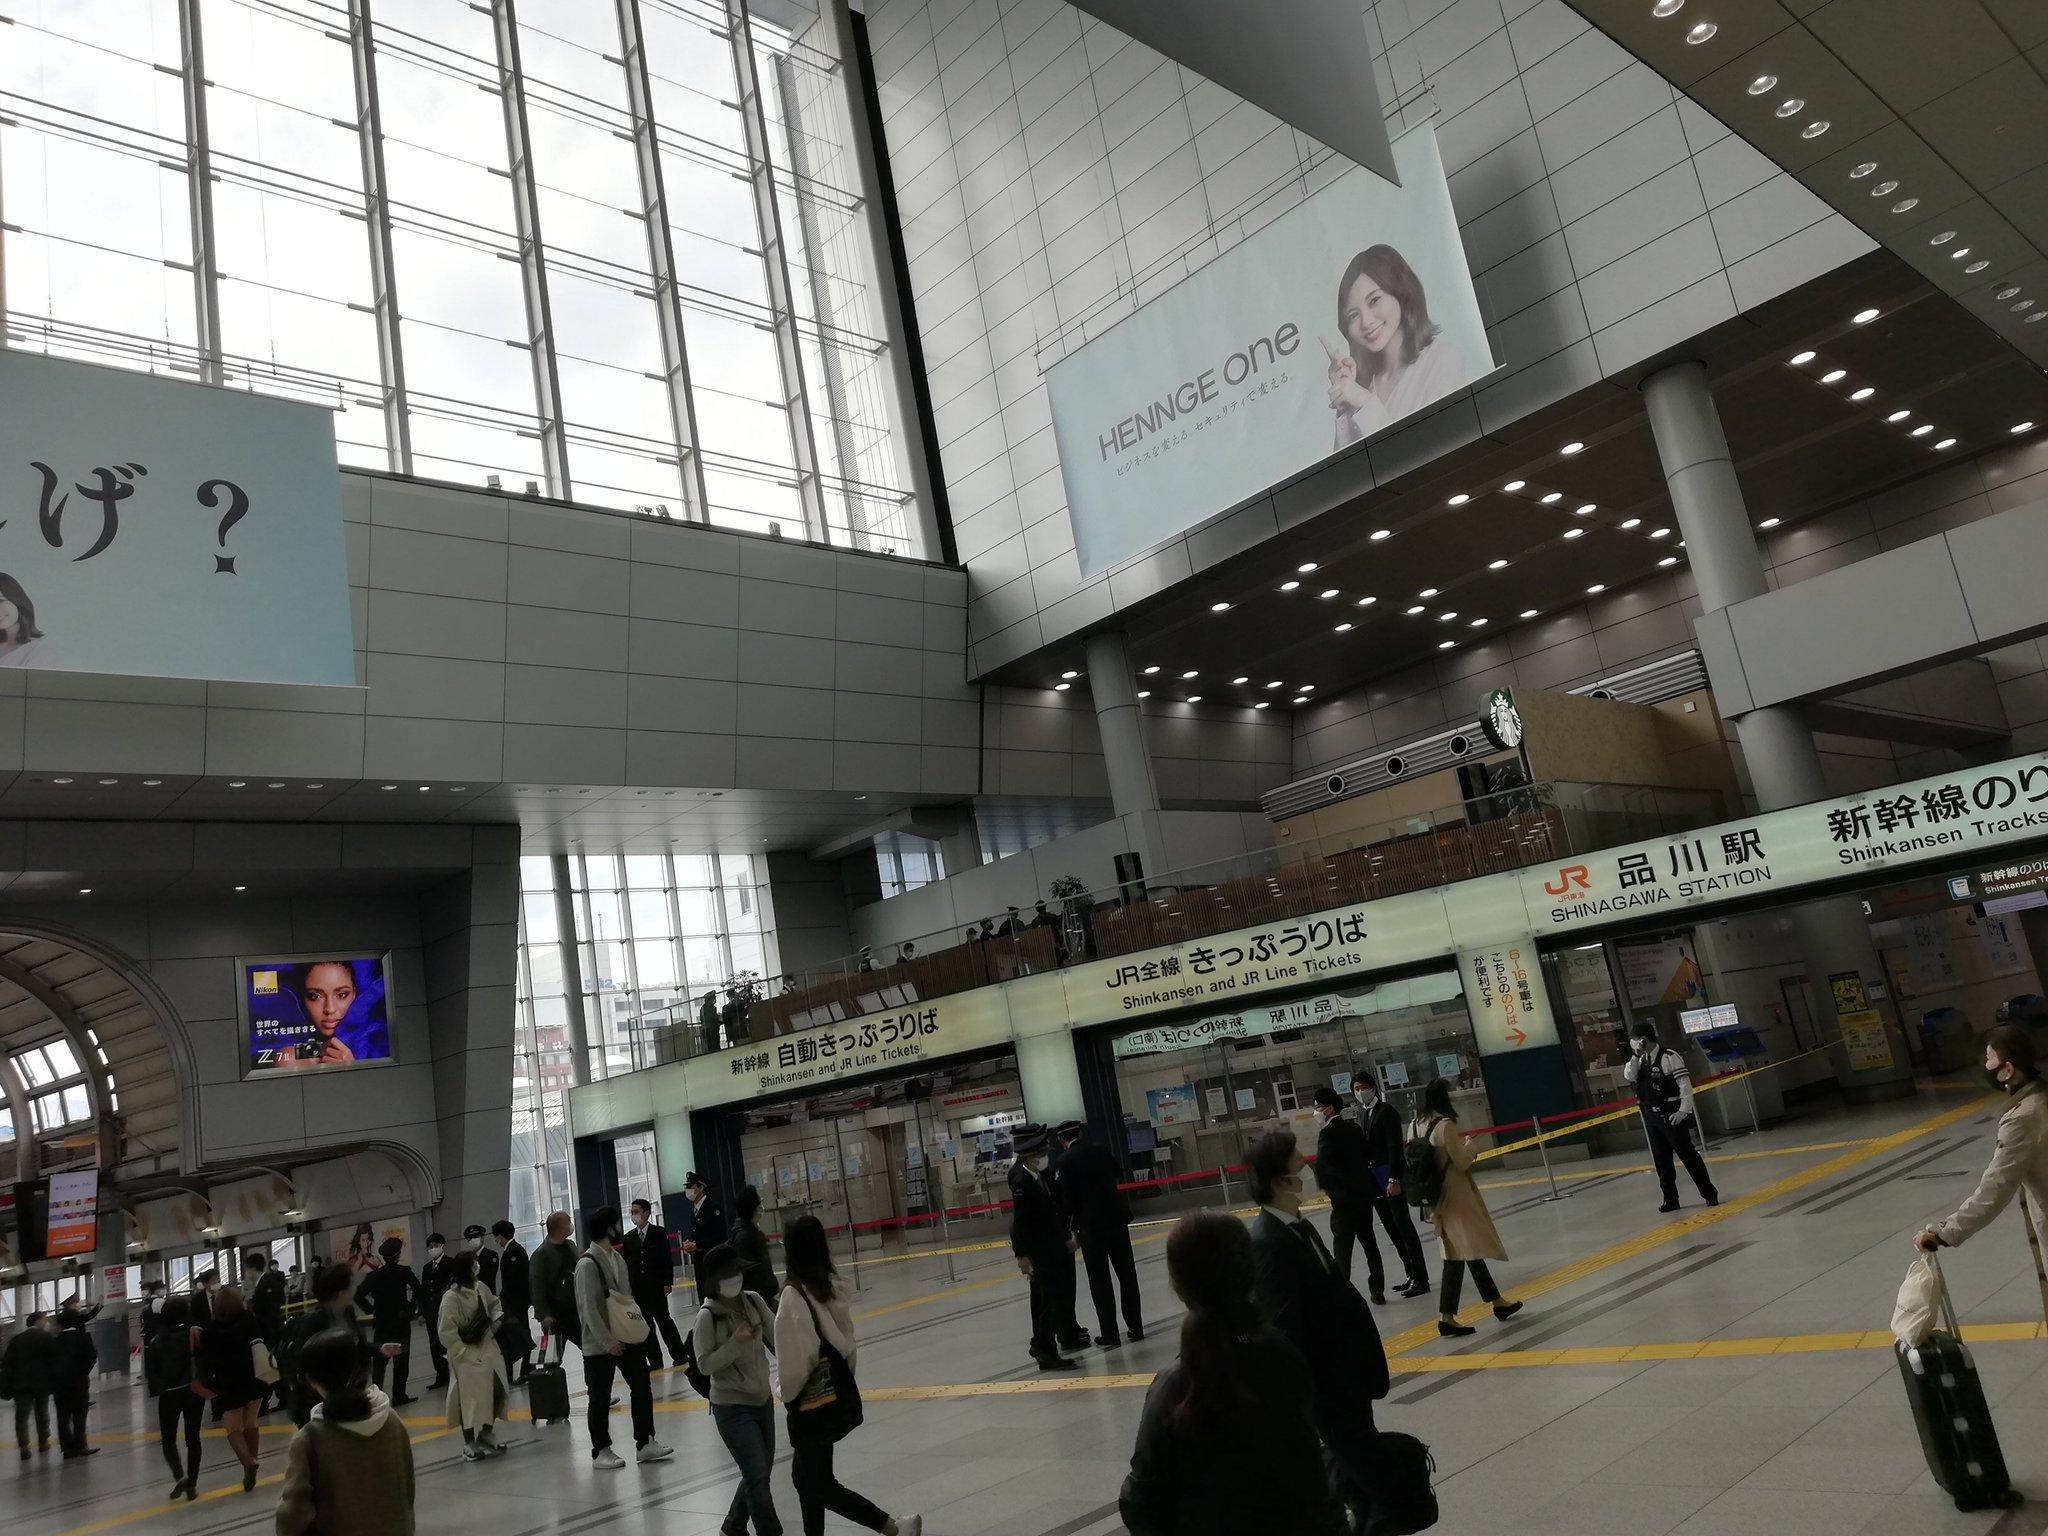 品川駅の不審物騒ぎで規制線が張られている画像